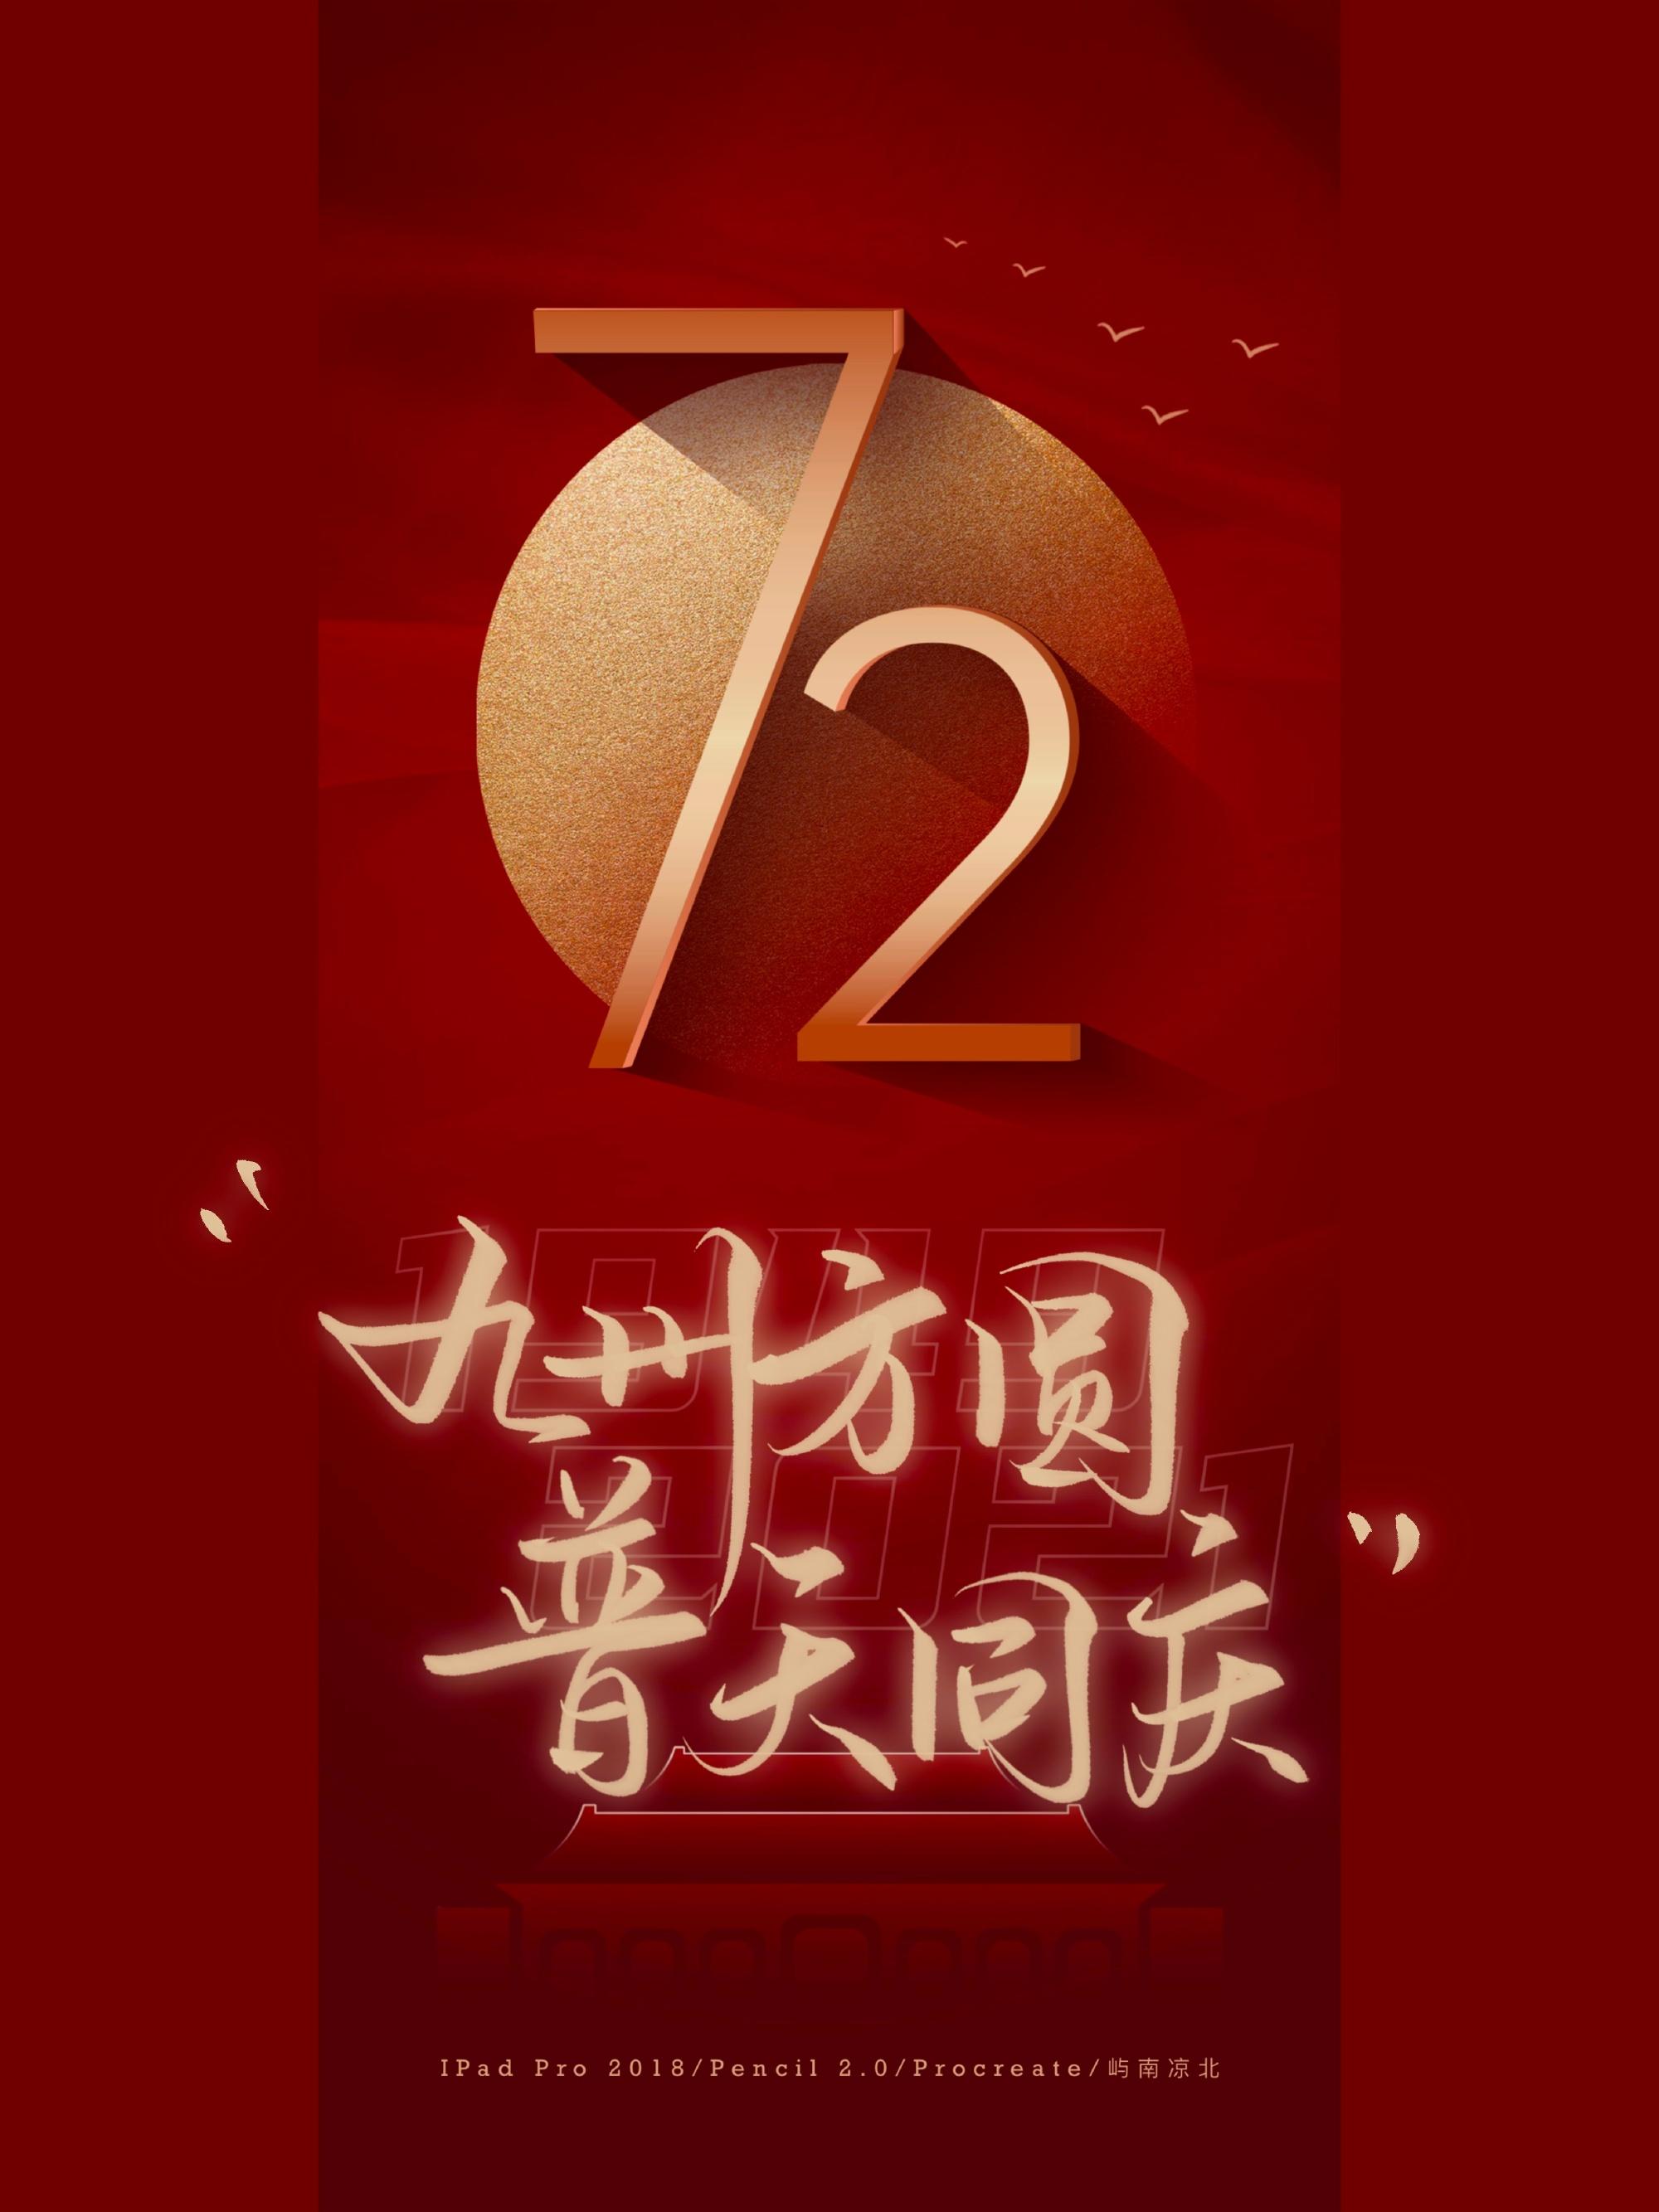 2021国庆节祝福语精选72条 适合发朋友圈的国庆节图片 liuliushe.net六六社 第14张